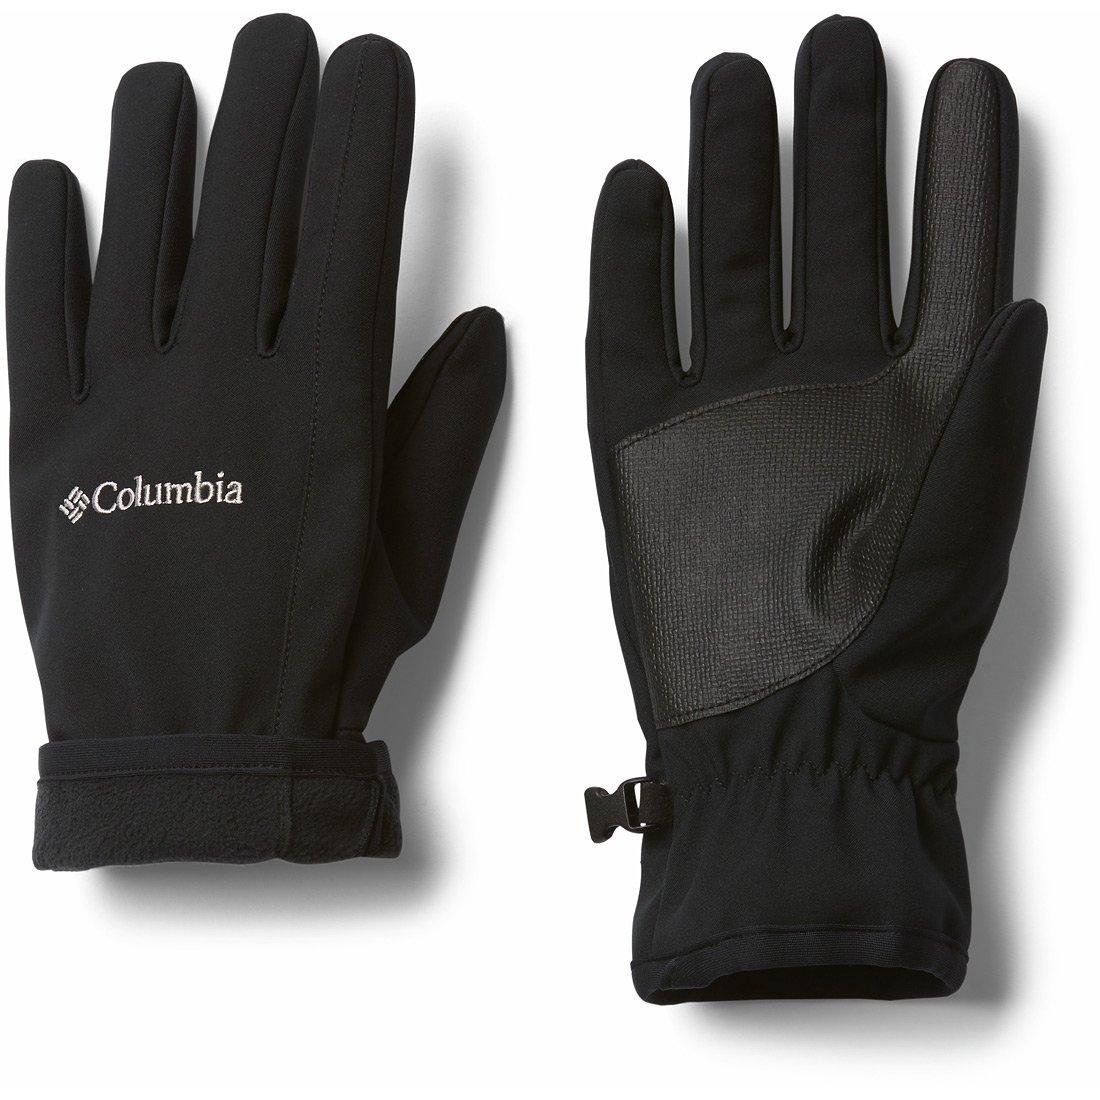 כפפות לגברים - Ascender SoftShell Gloves - Columbia